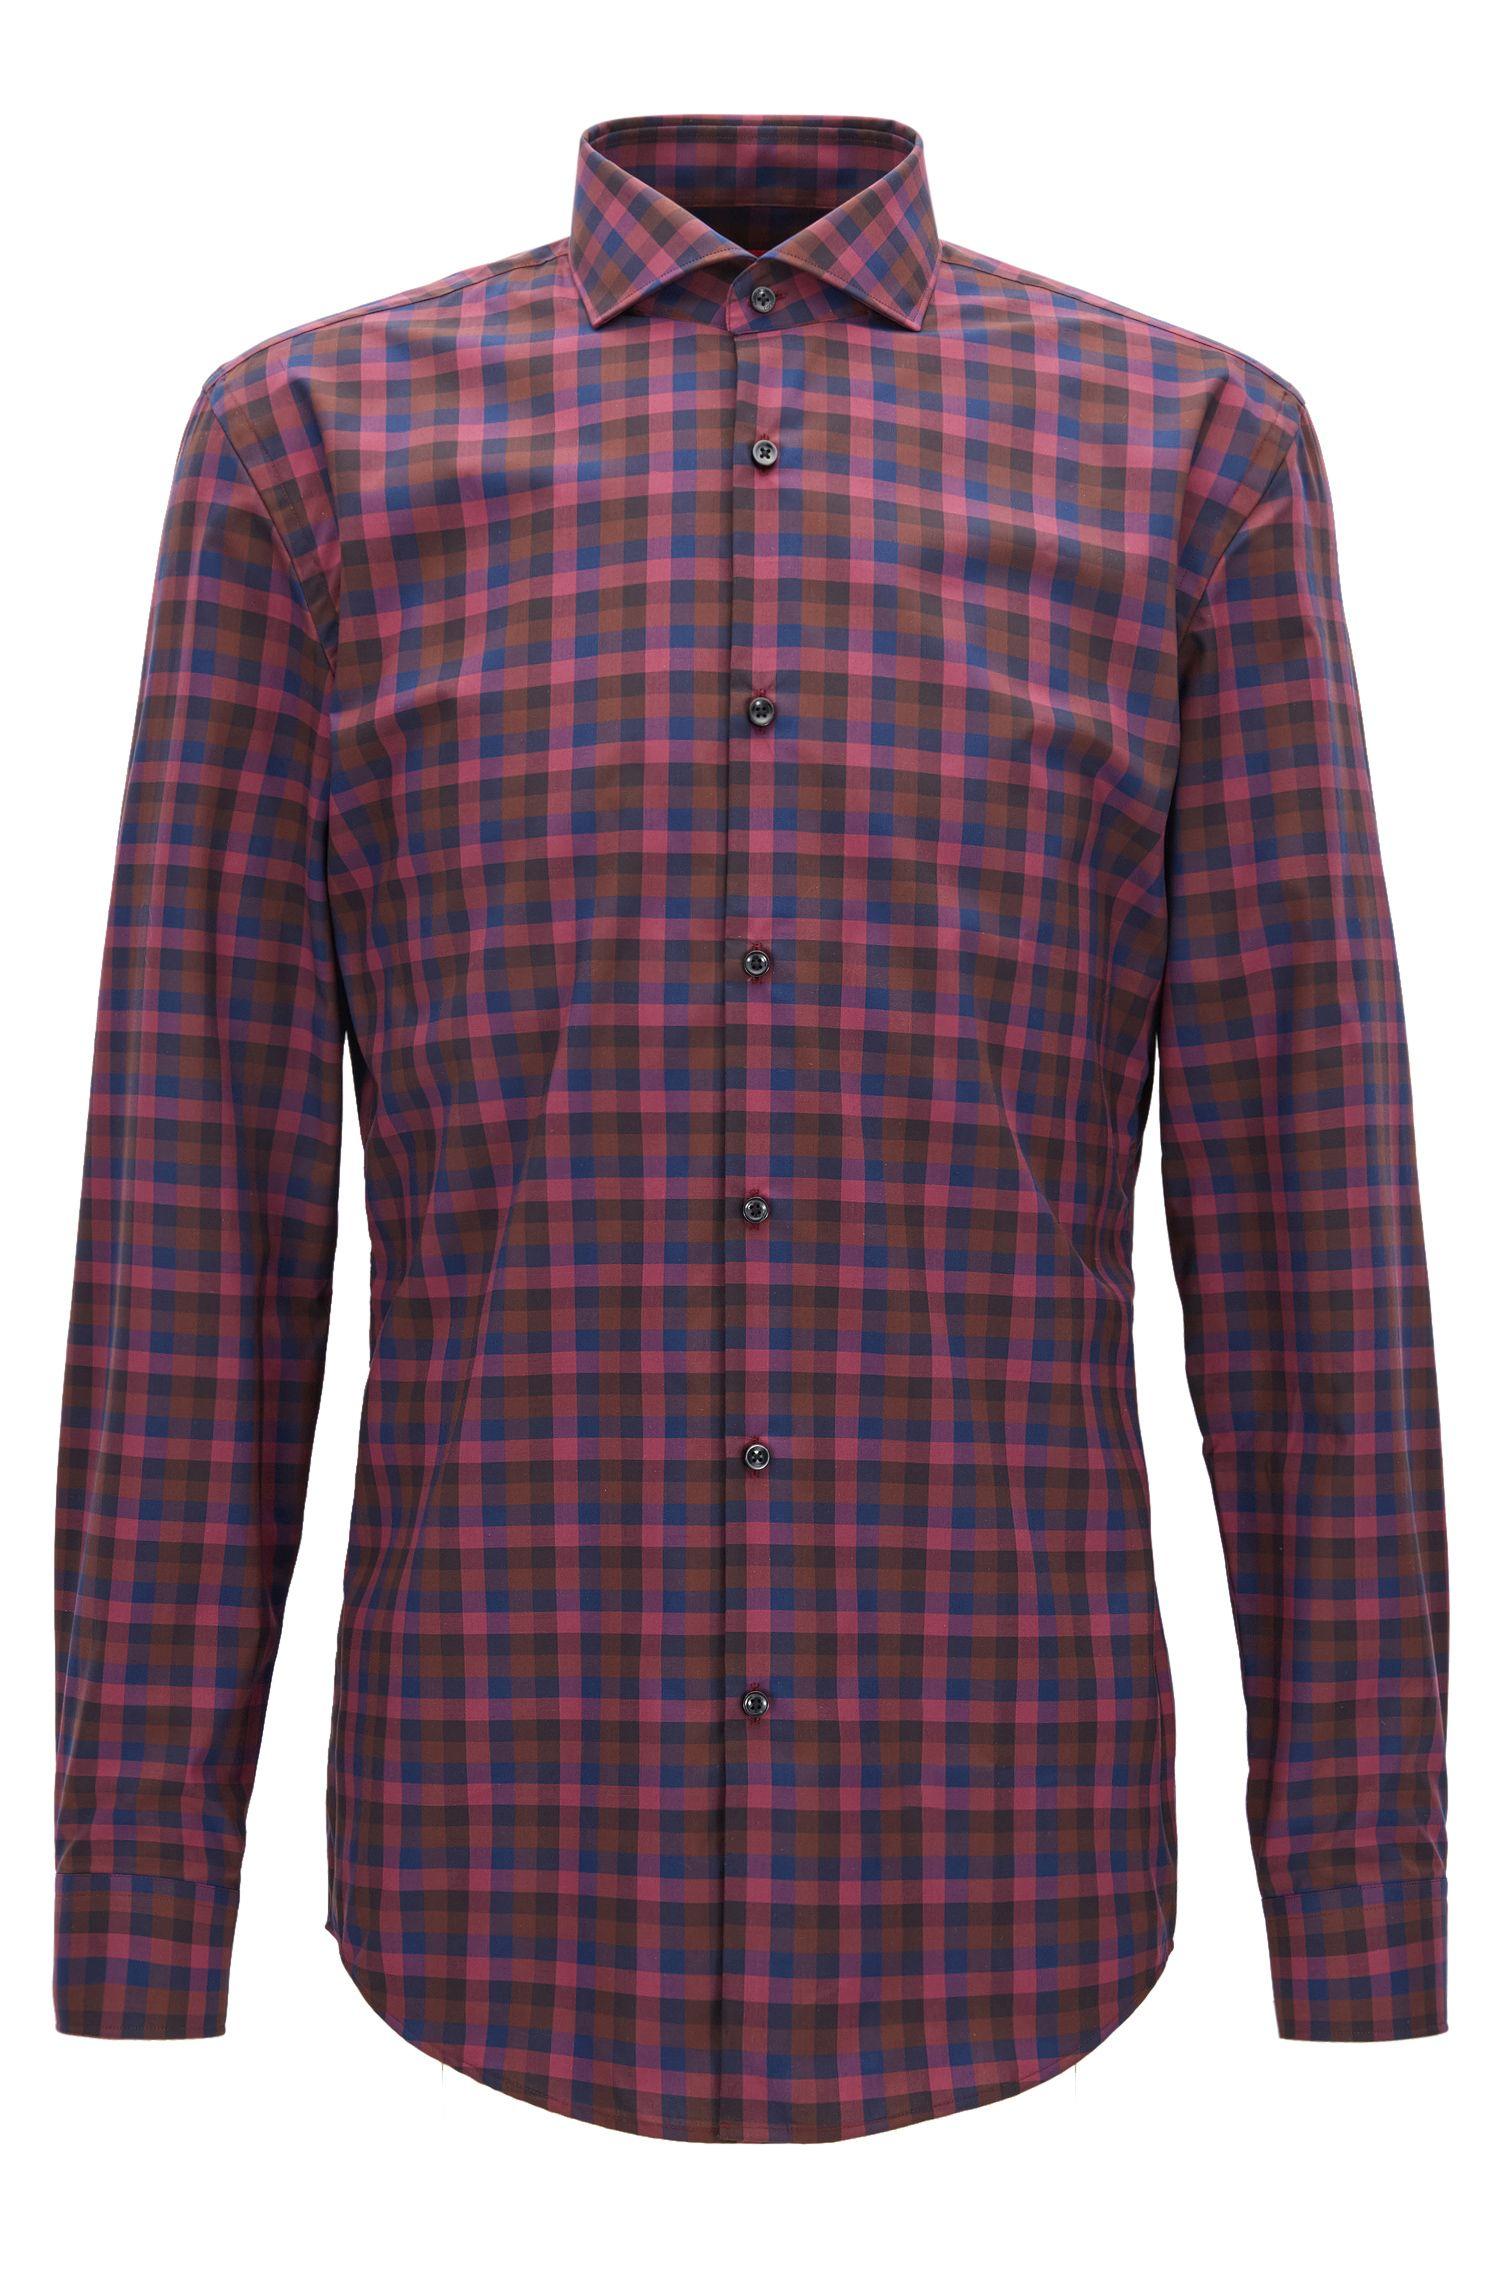 Mehrfarbiges Slim-Fit Hemd aus reiner Baumwolle mit Vichy-Karo